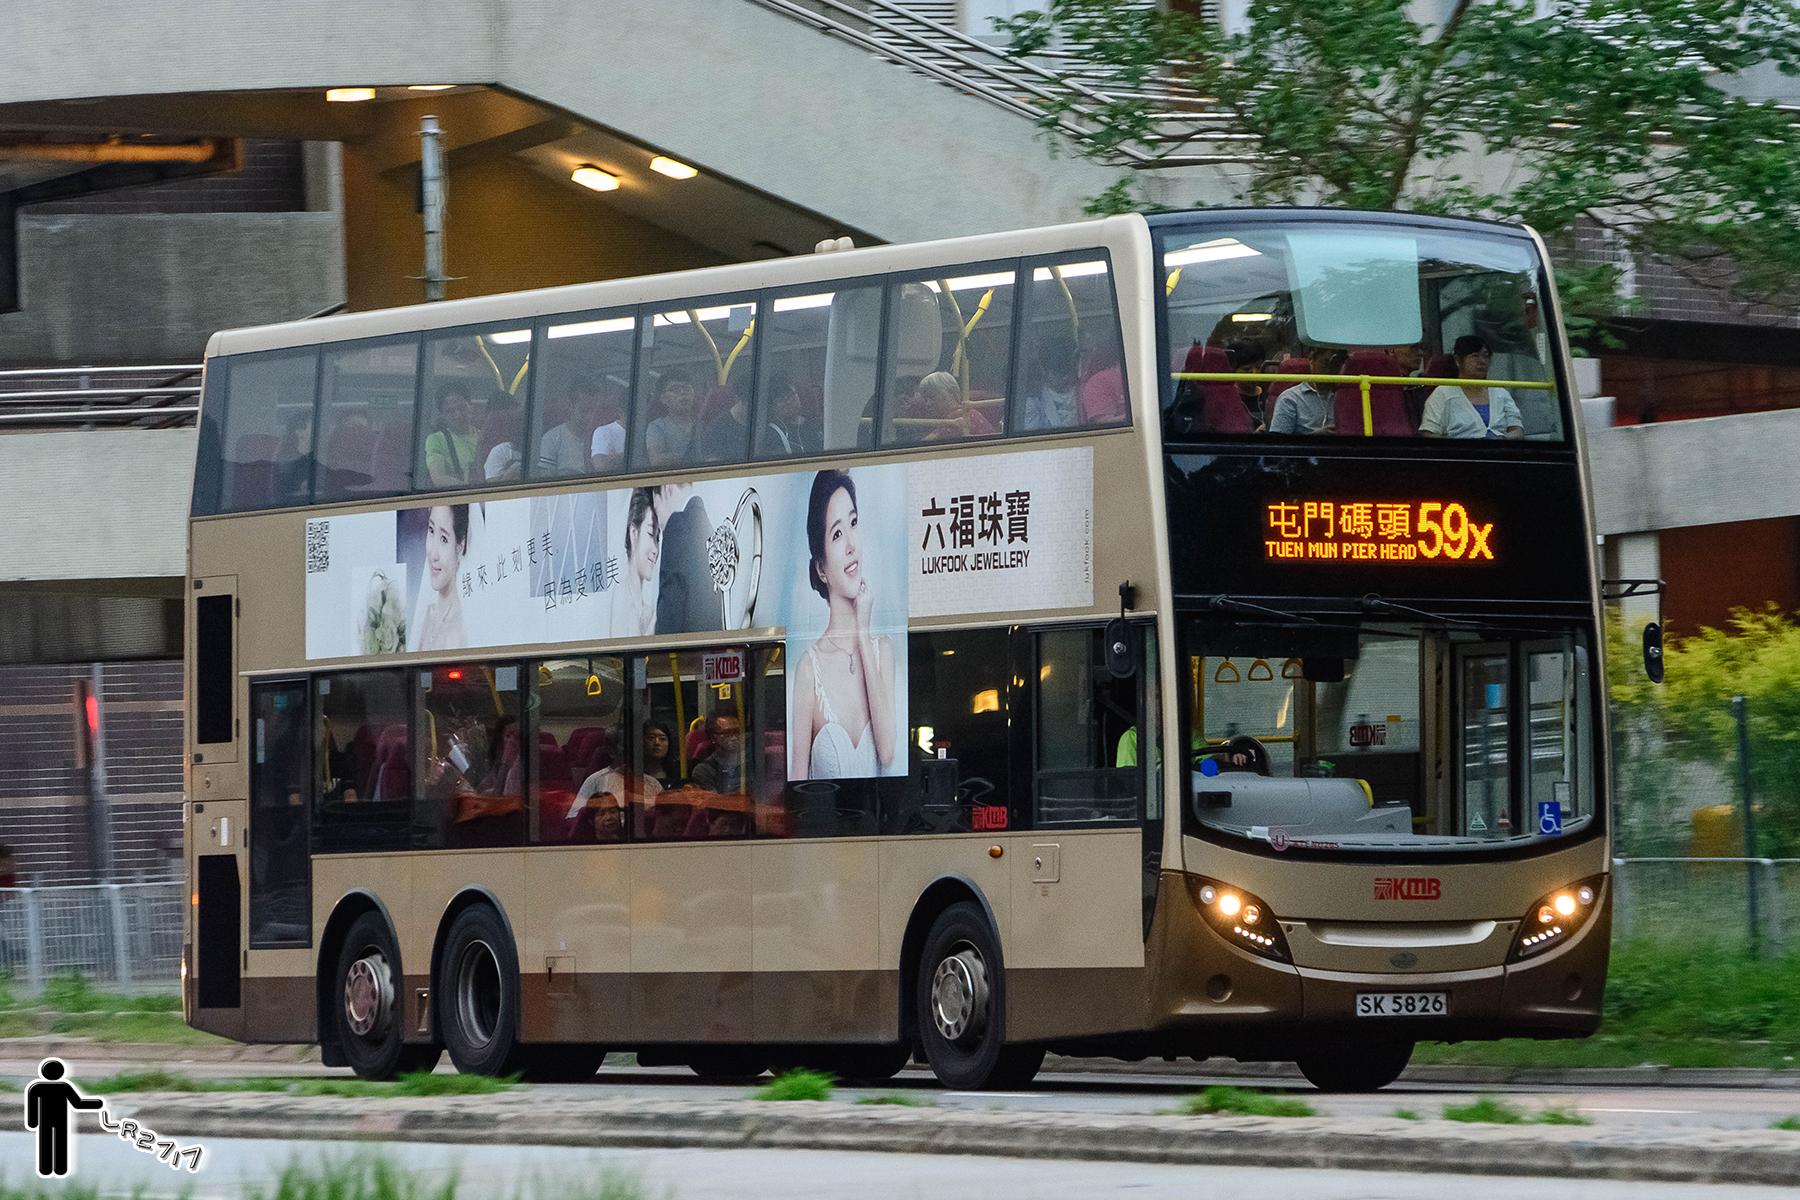 九巴59X線